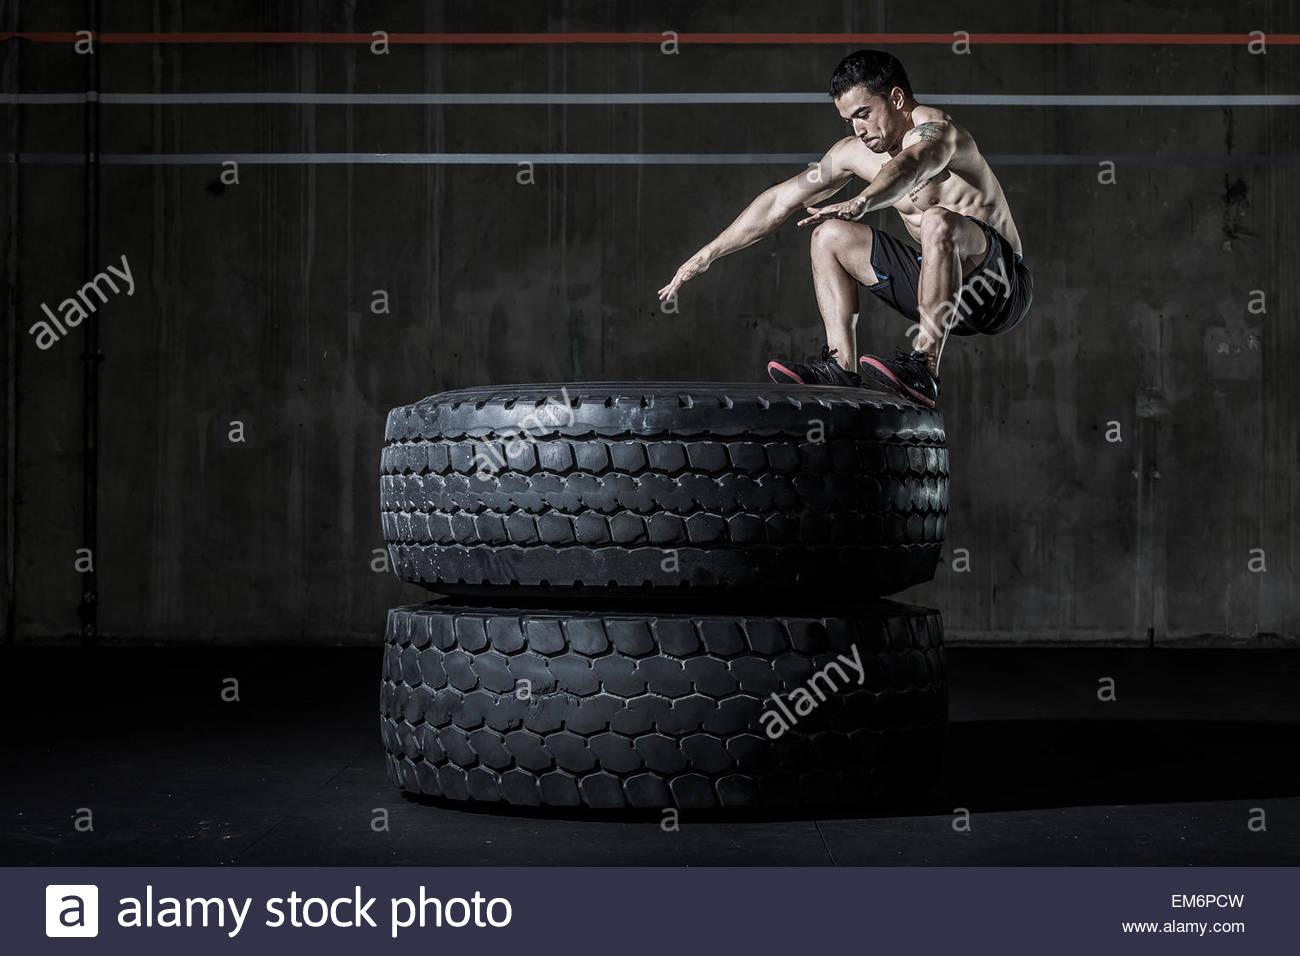 Un homme torse nu et de l'haltérophile athlète CrossFit effectuant un saut fort sur deux pneus dans Photo Stock